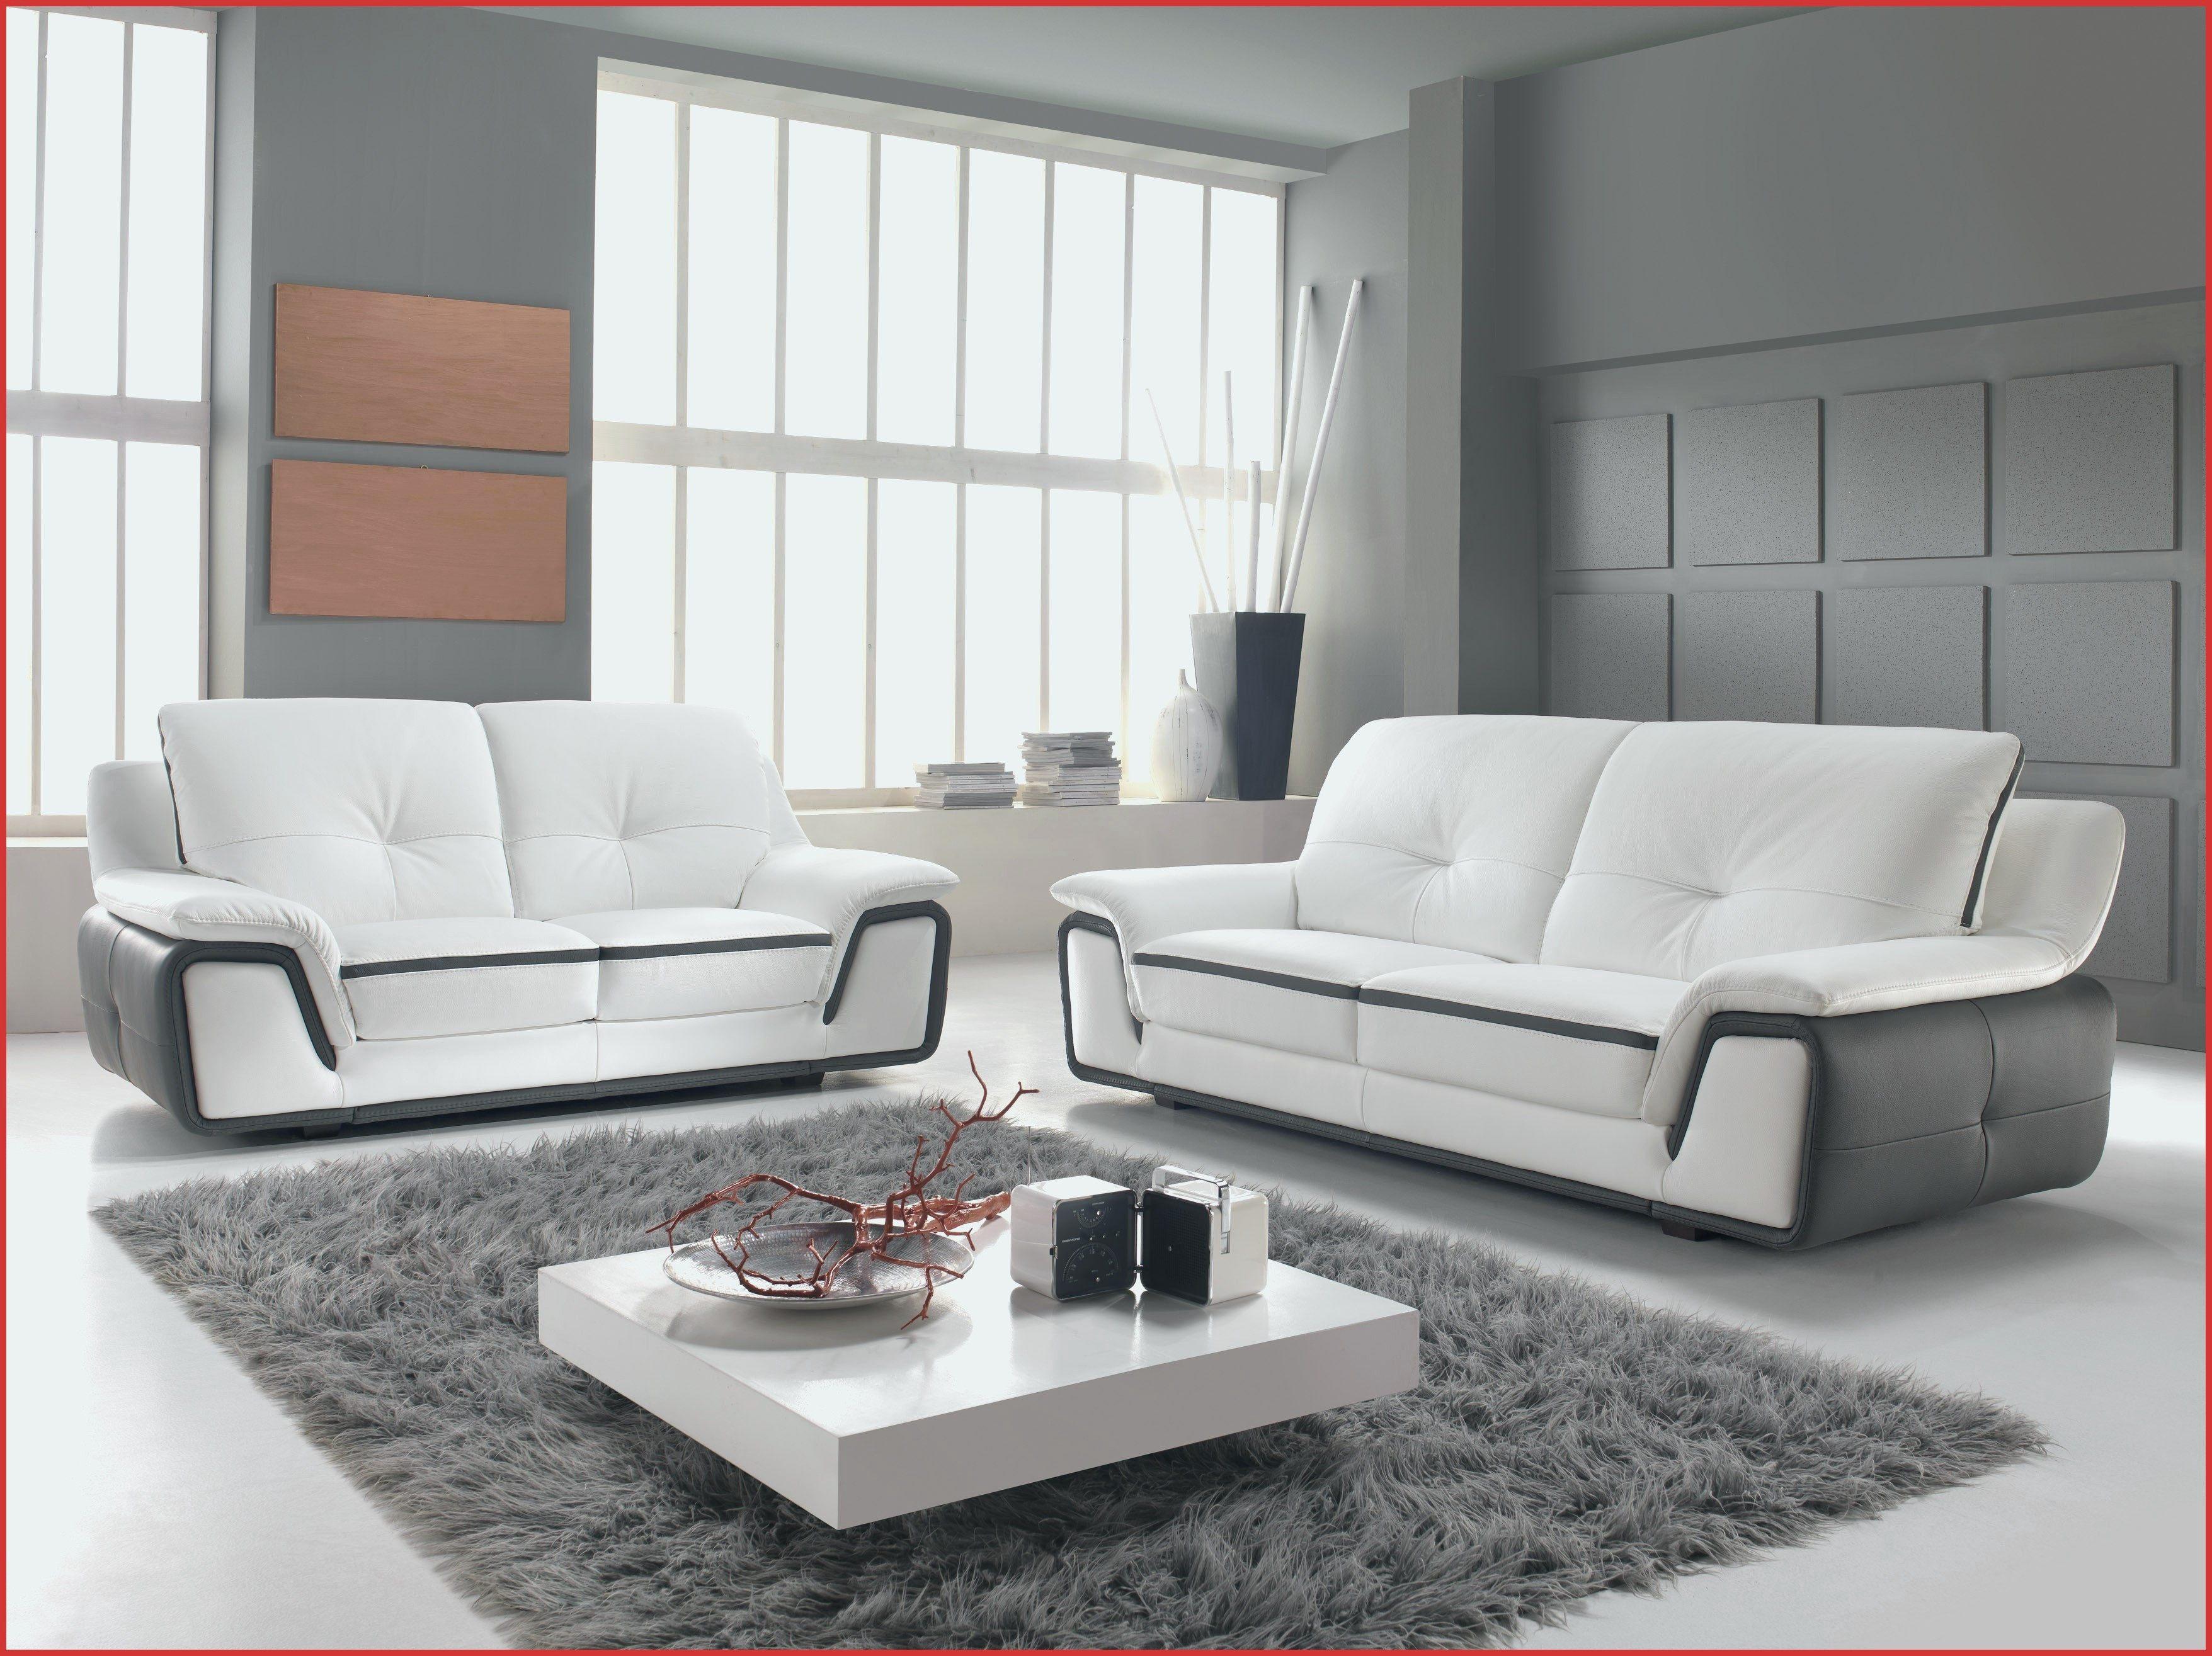 Lit Escamotable Avec Canapé Magnifique 35 Nouveau Lit Escamotable Canapé Ikea Idées